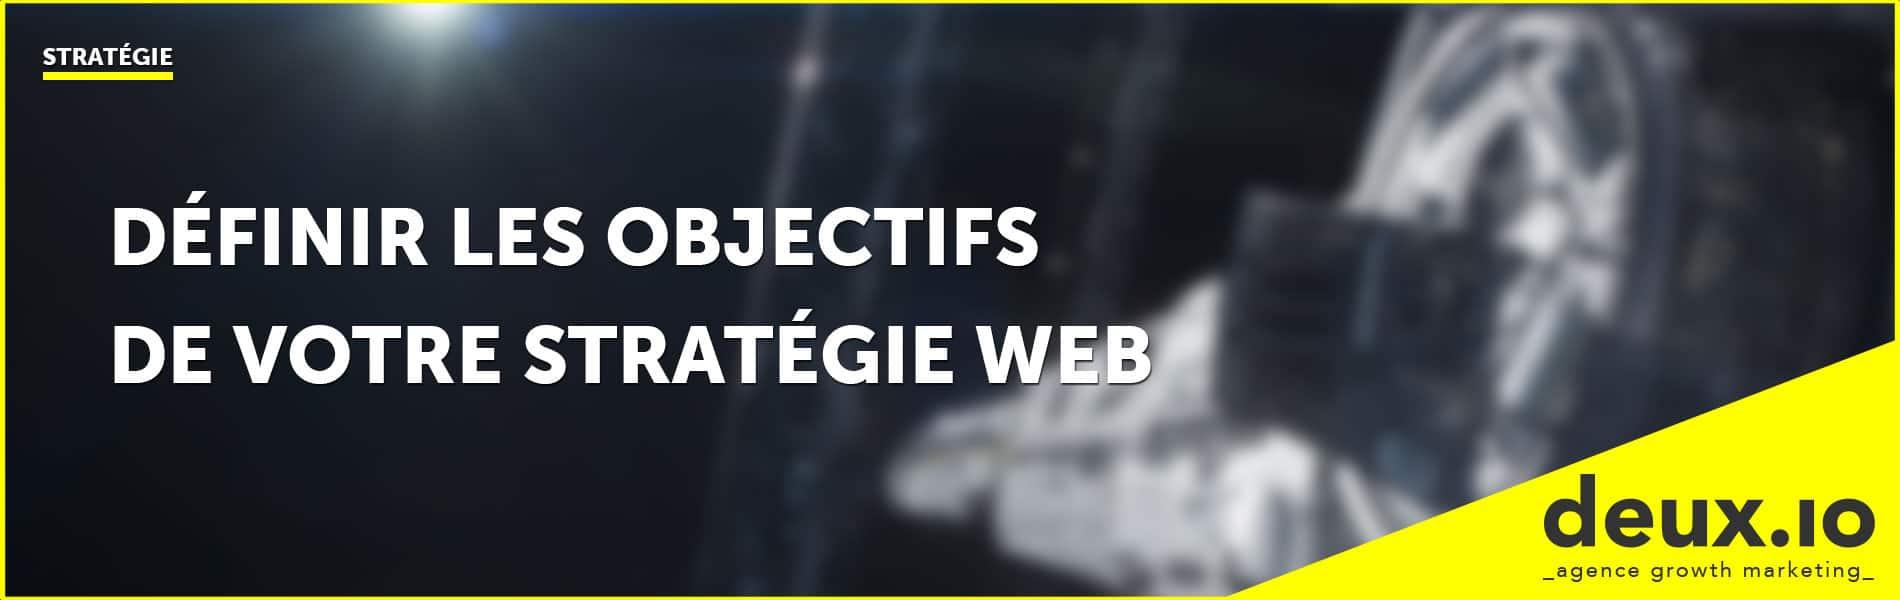 définir les objectifs de votre stratégie web